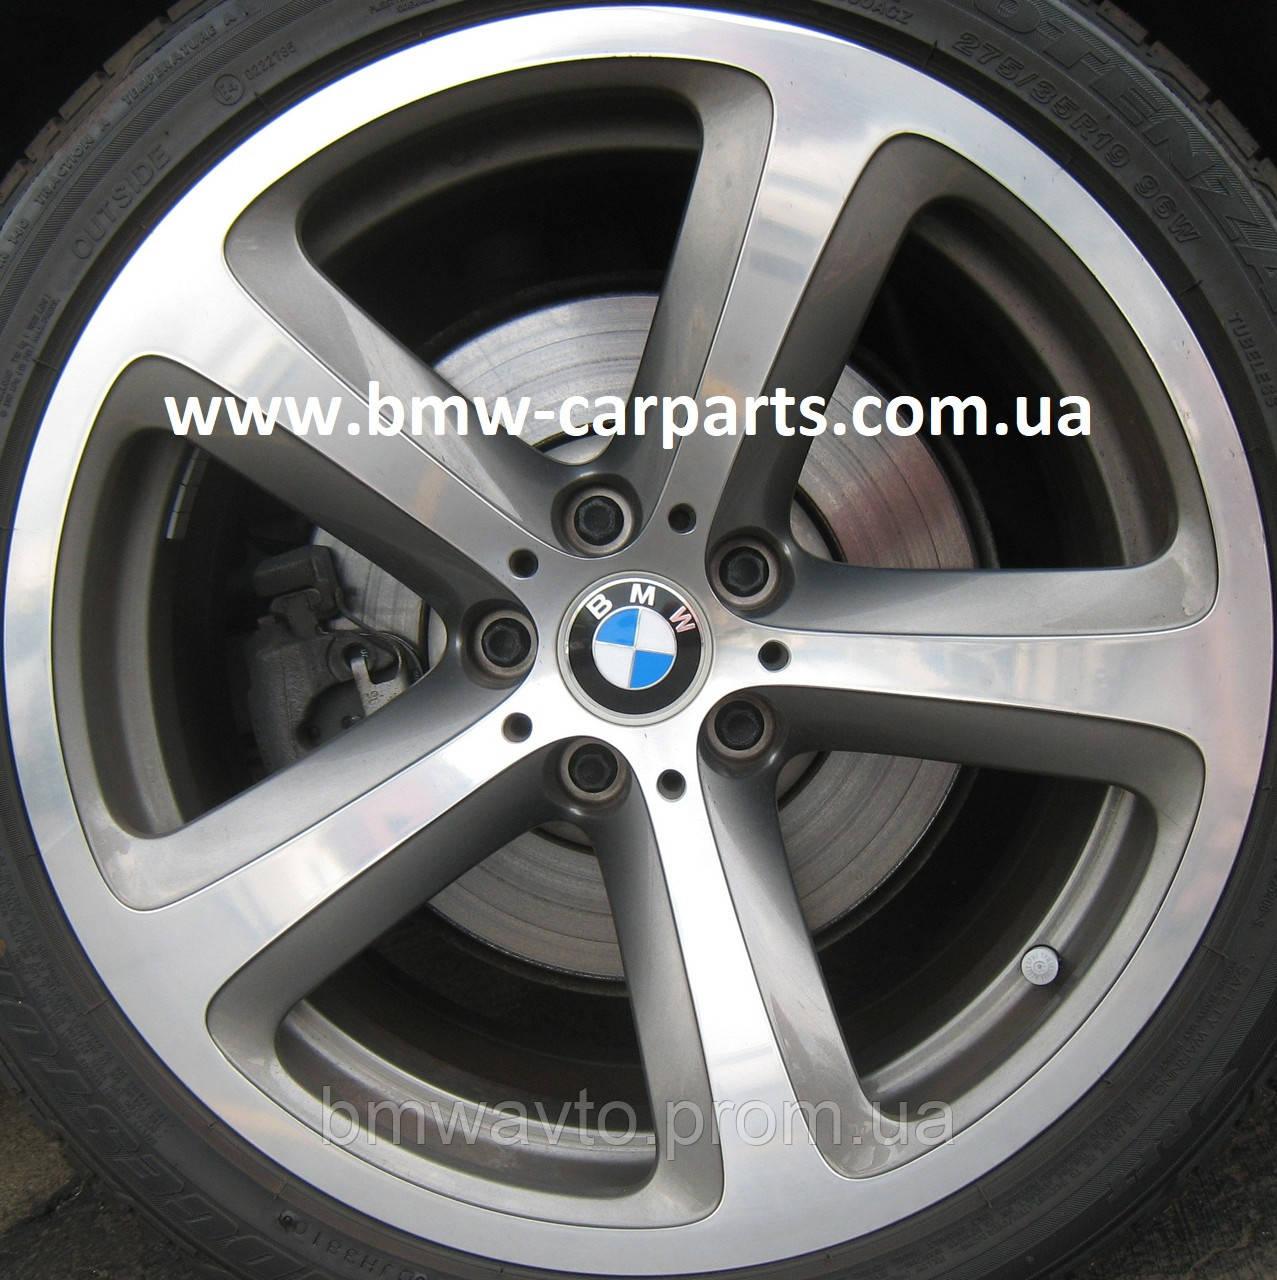 Кованые диски BMW Star Spoke 249